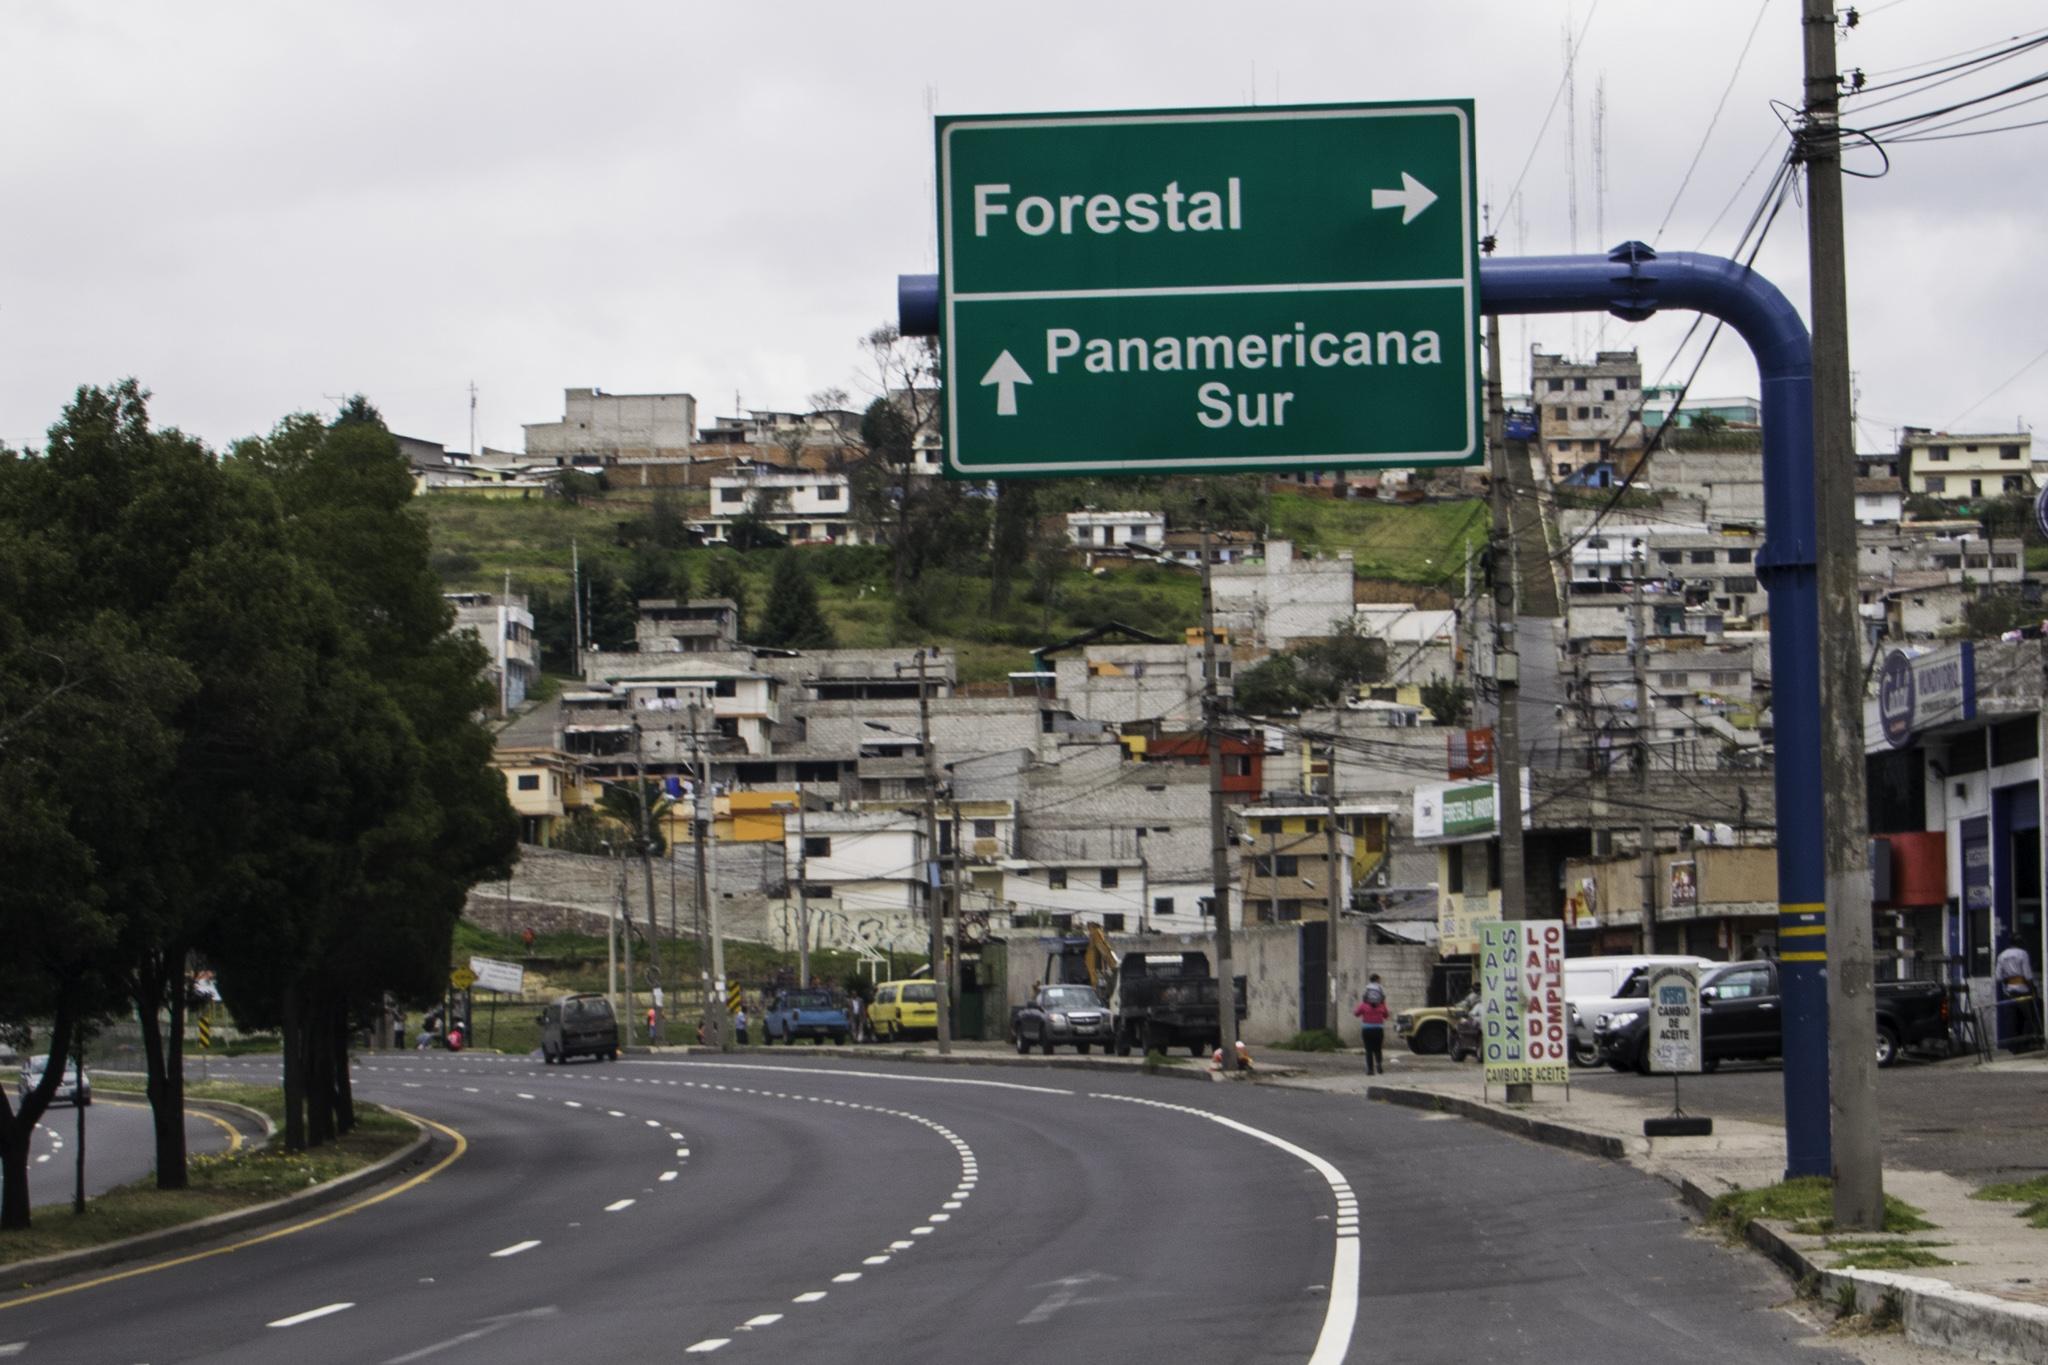 Lange haben wir von der berühmten Panamericana geträumt....